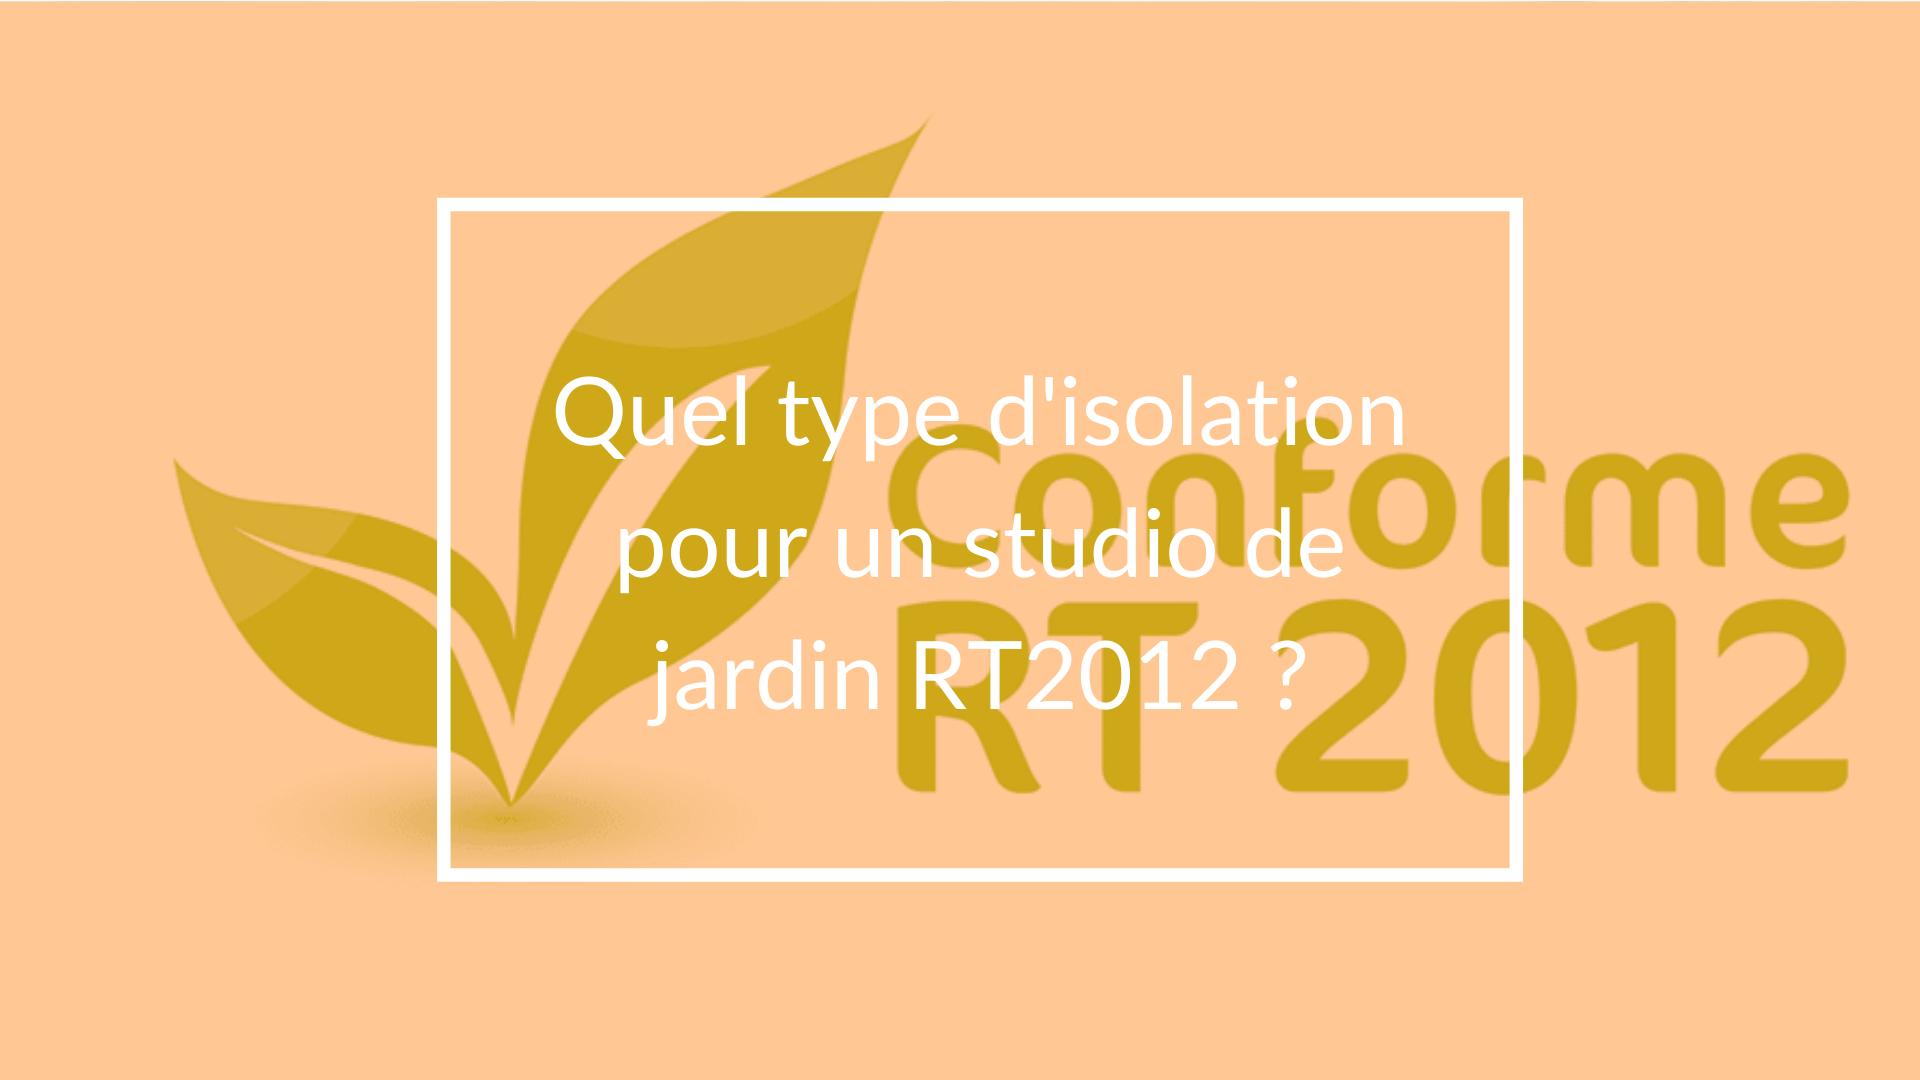 Quel type d'isolation pour un studio de jardin RT2012 ?